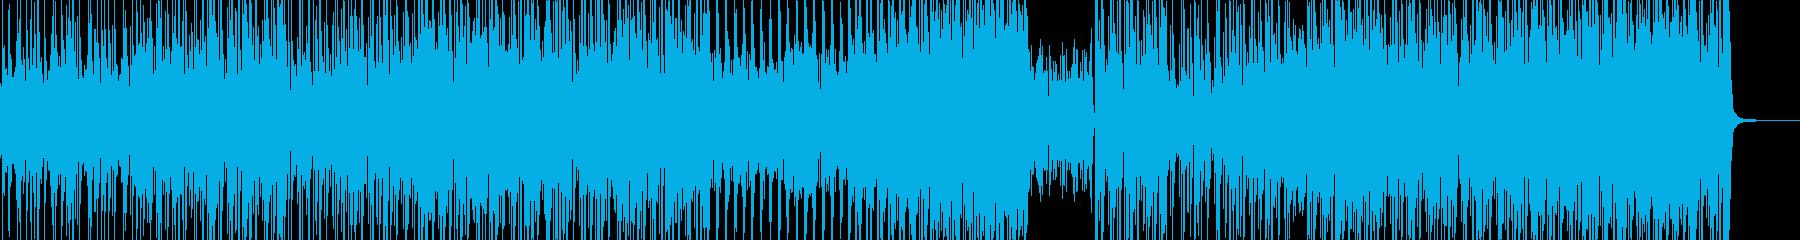 病みつきビート・怪しいダンスポップ L2の再生済みの波形